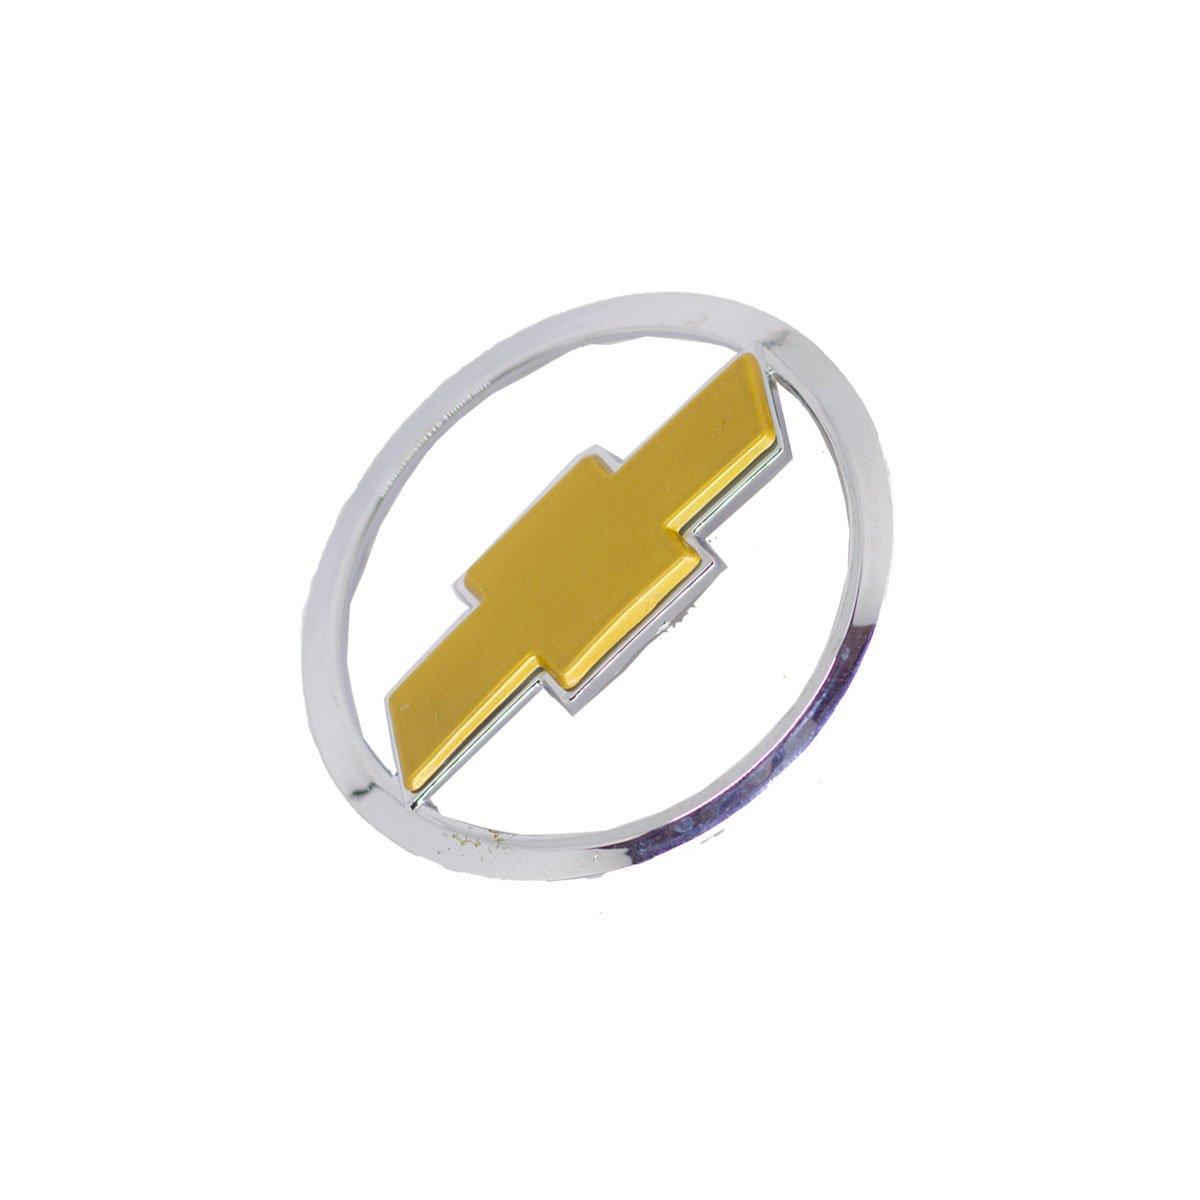 Emblema Grade Vectra 02/05 Dourado /06